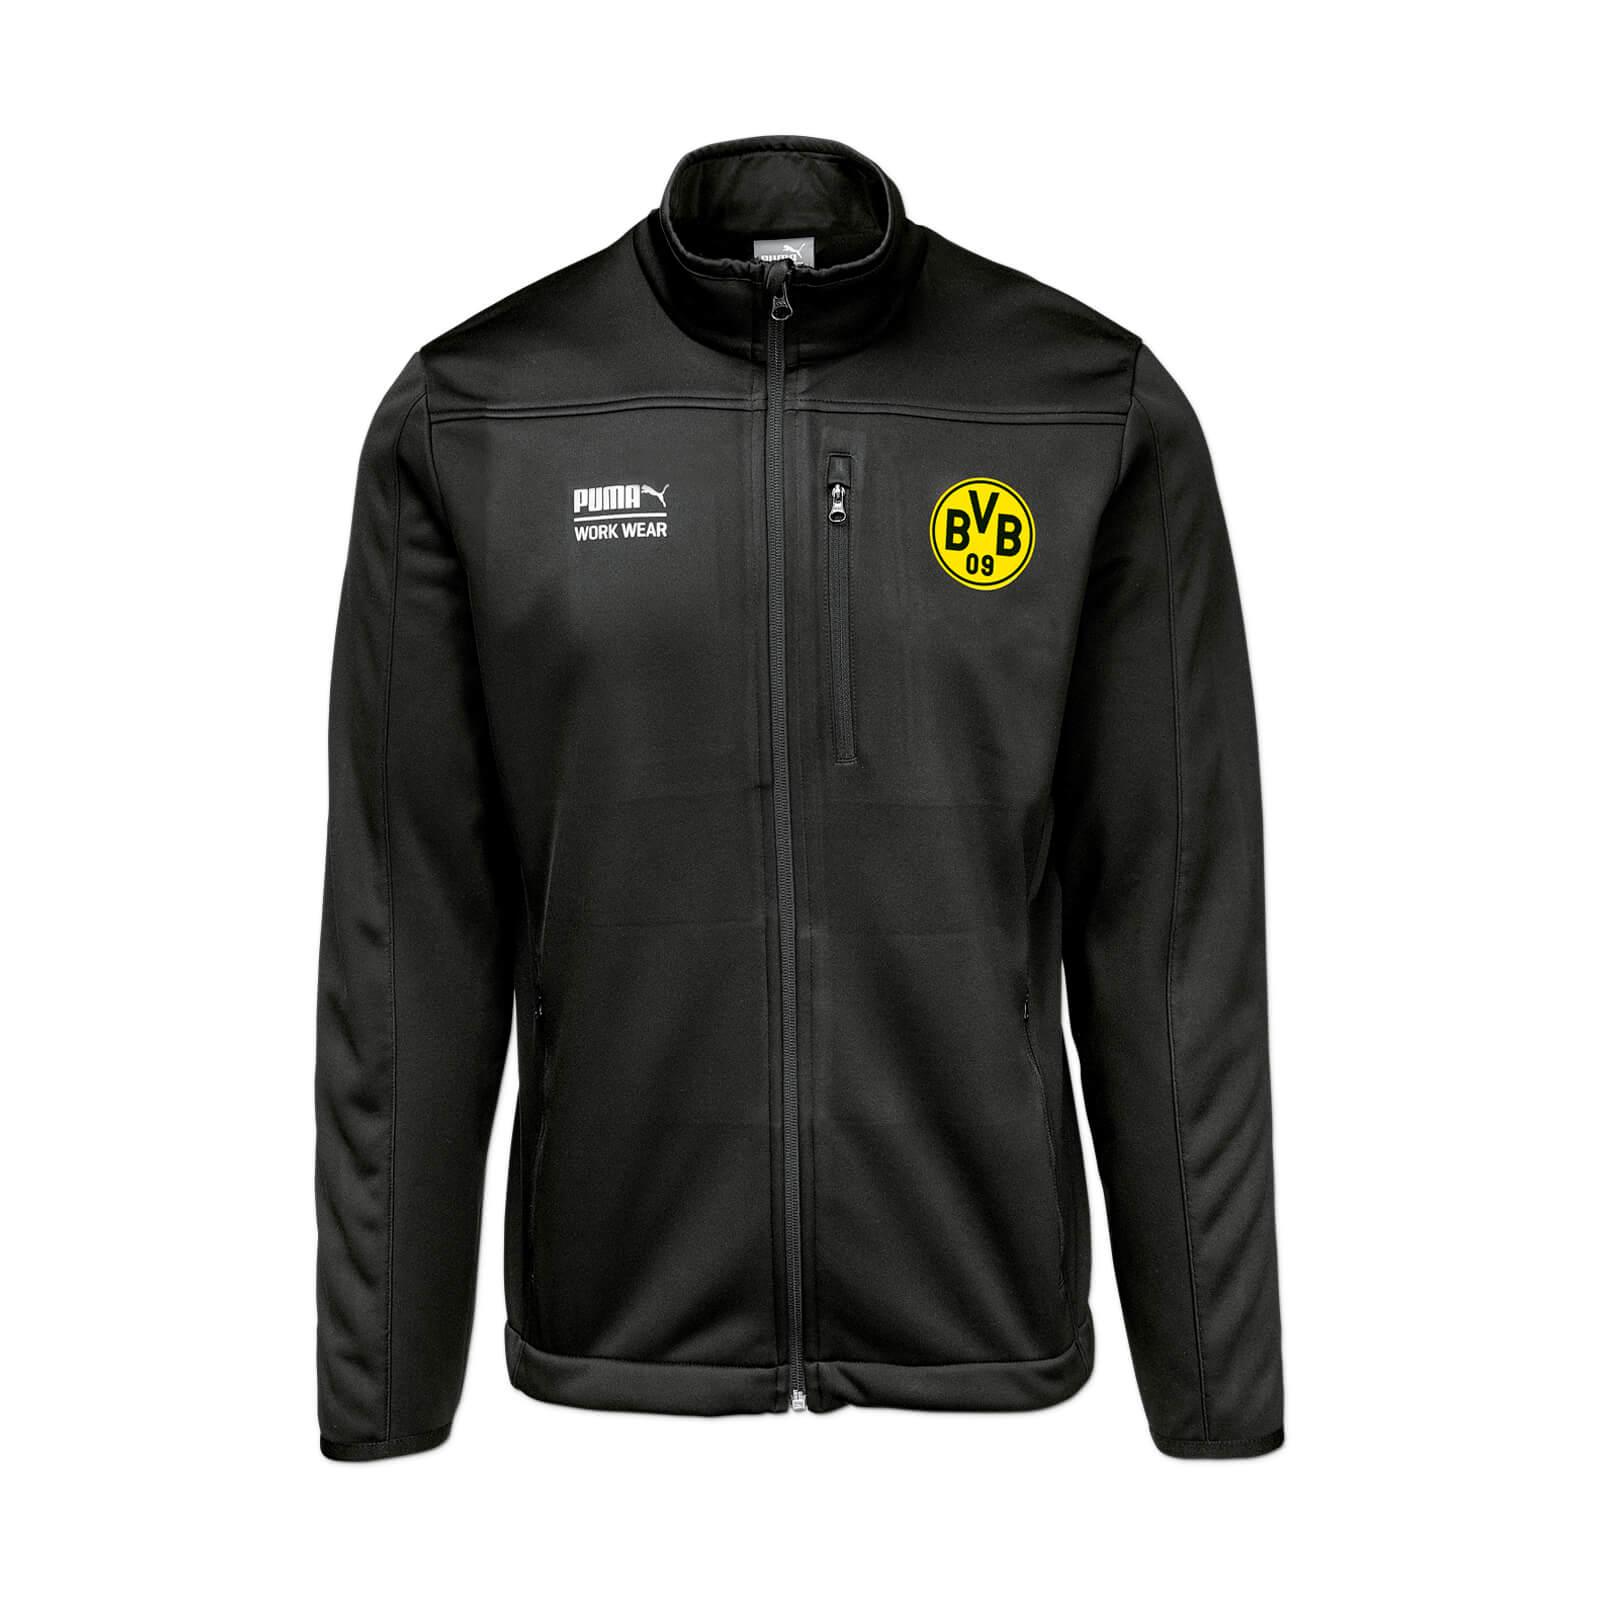 BVB Borussia Dortmund PUMA Arbeitssoftshelljacke 59,97€ @ BVB Shop